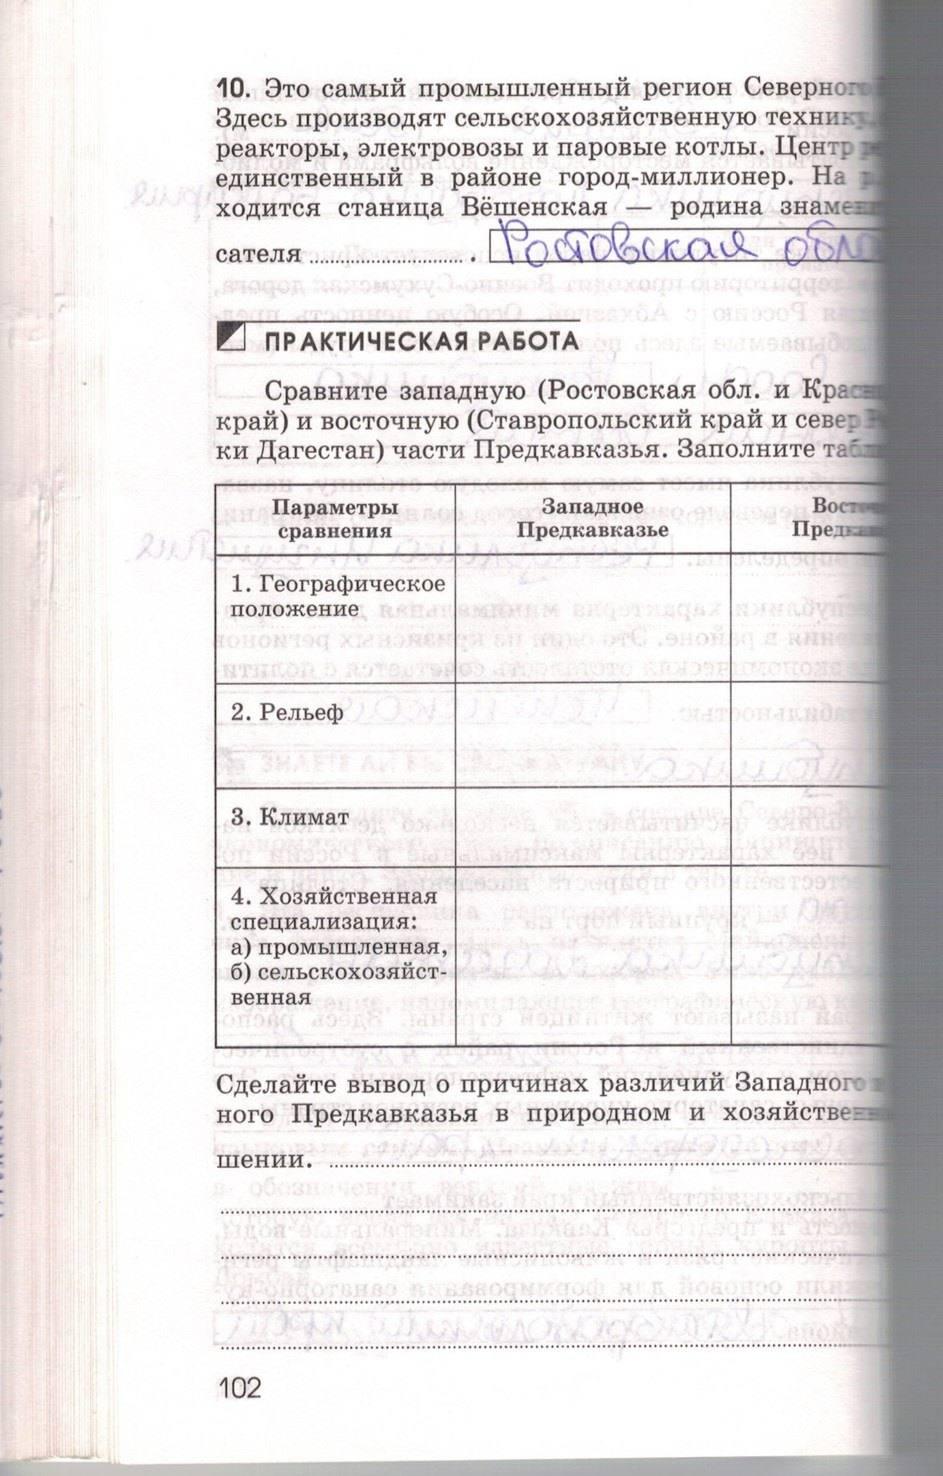 тетрадь рабочая по географии ответы решебник марченко класс 9